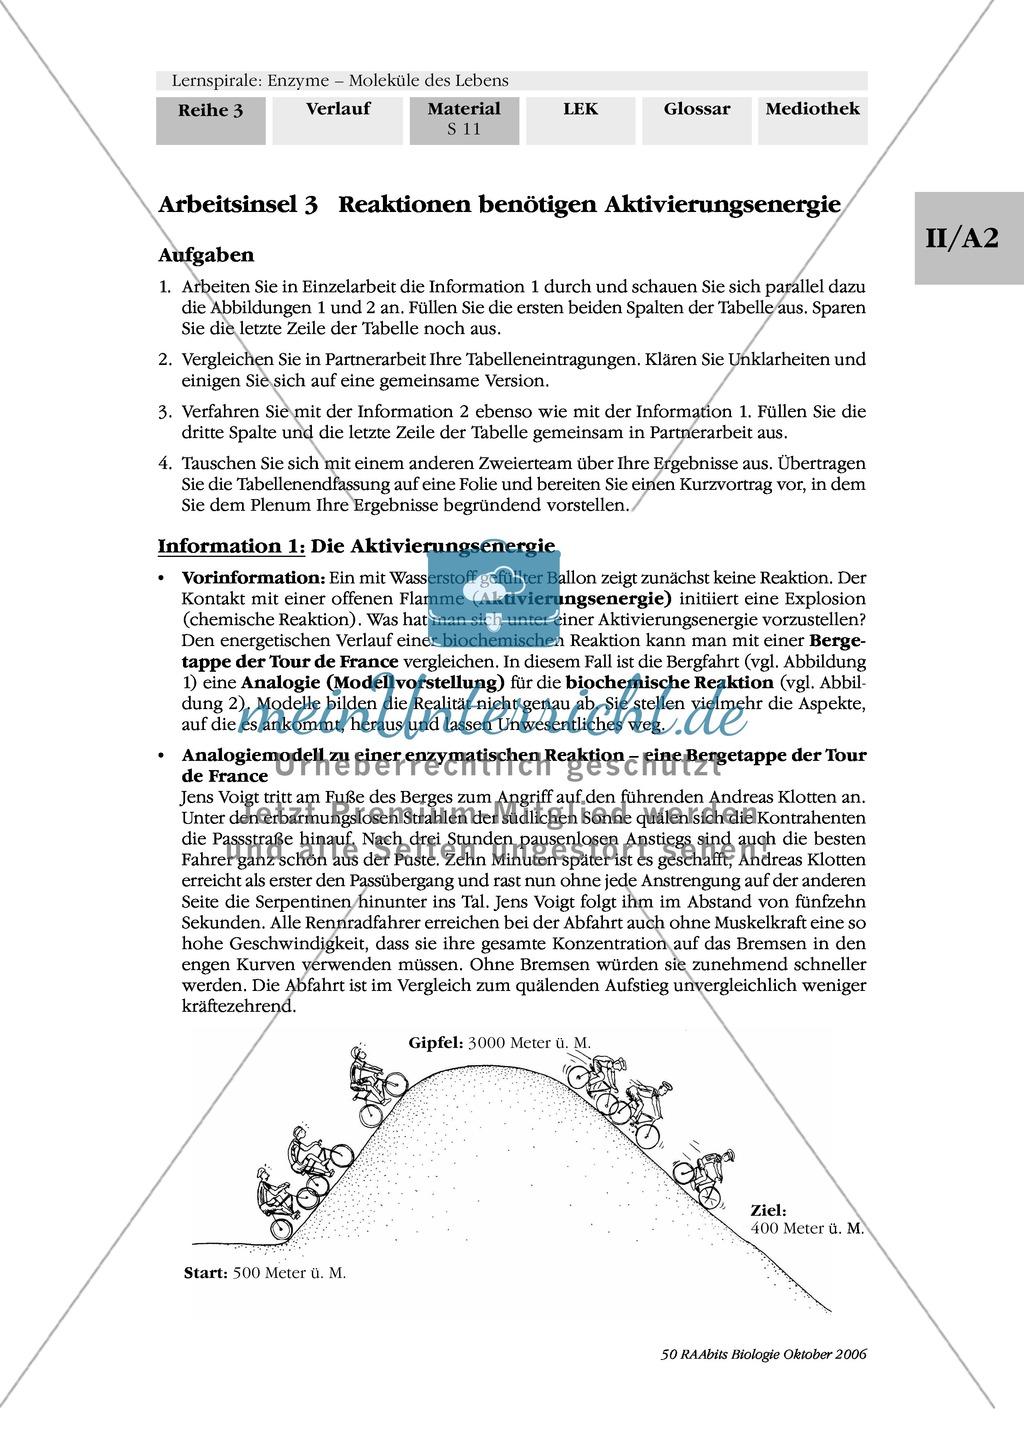 Enzyme: Arbeitsinseln zu den Themen Stoffwechsel, Enzymreaktionen, Hemmstoffe, Cofaktoren, Regulation Preview 4